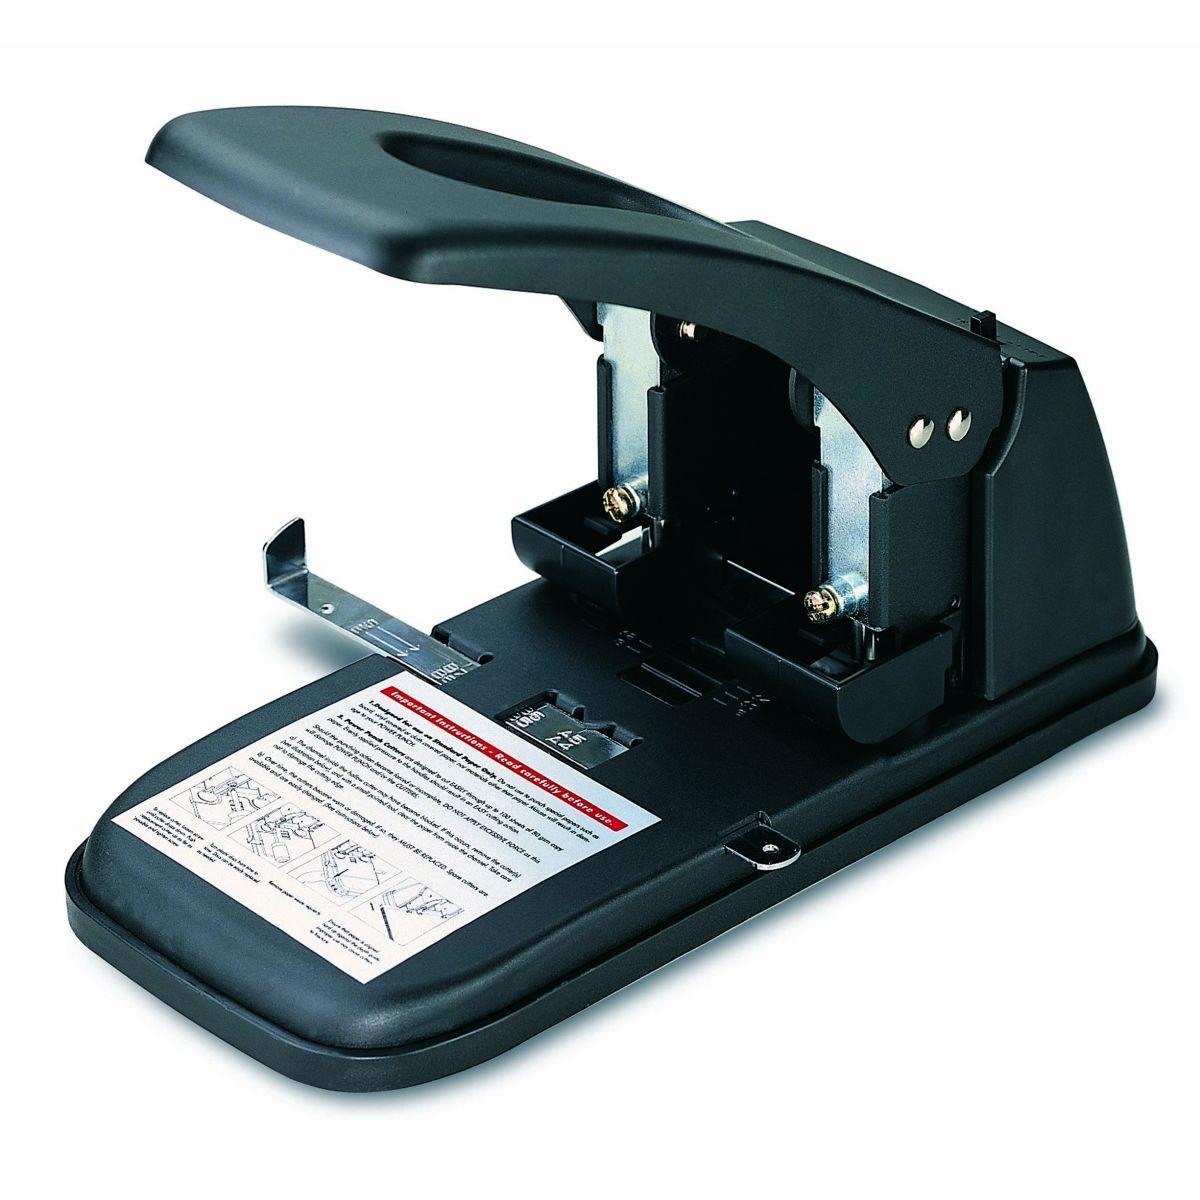 PERFURADOR PROFISSIONAL 2 FUROS DE 6mm PARA 100 FOLHAS.